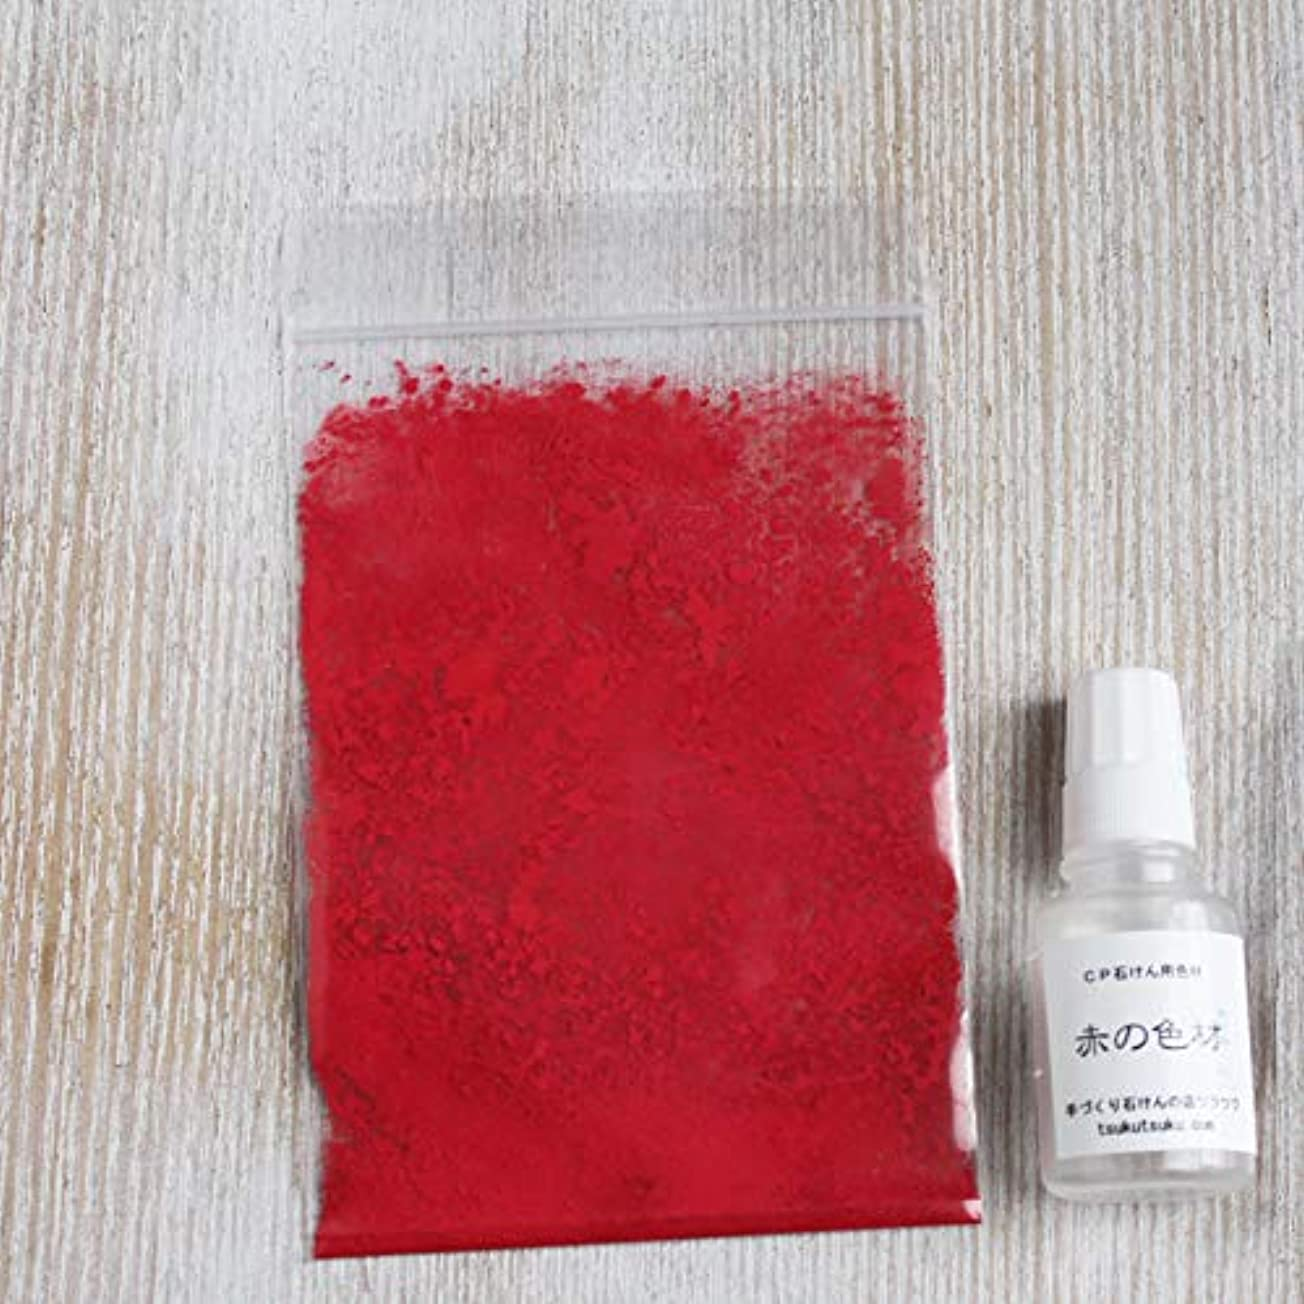 通信網バタフライ余分なCP石けん用色材 赤の色材キット/手作り石けん?手作り化粧品材料